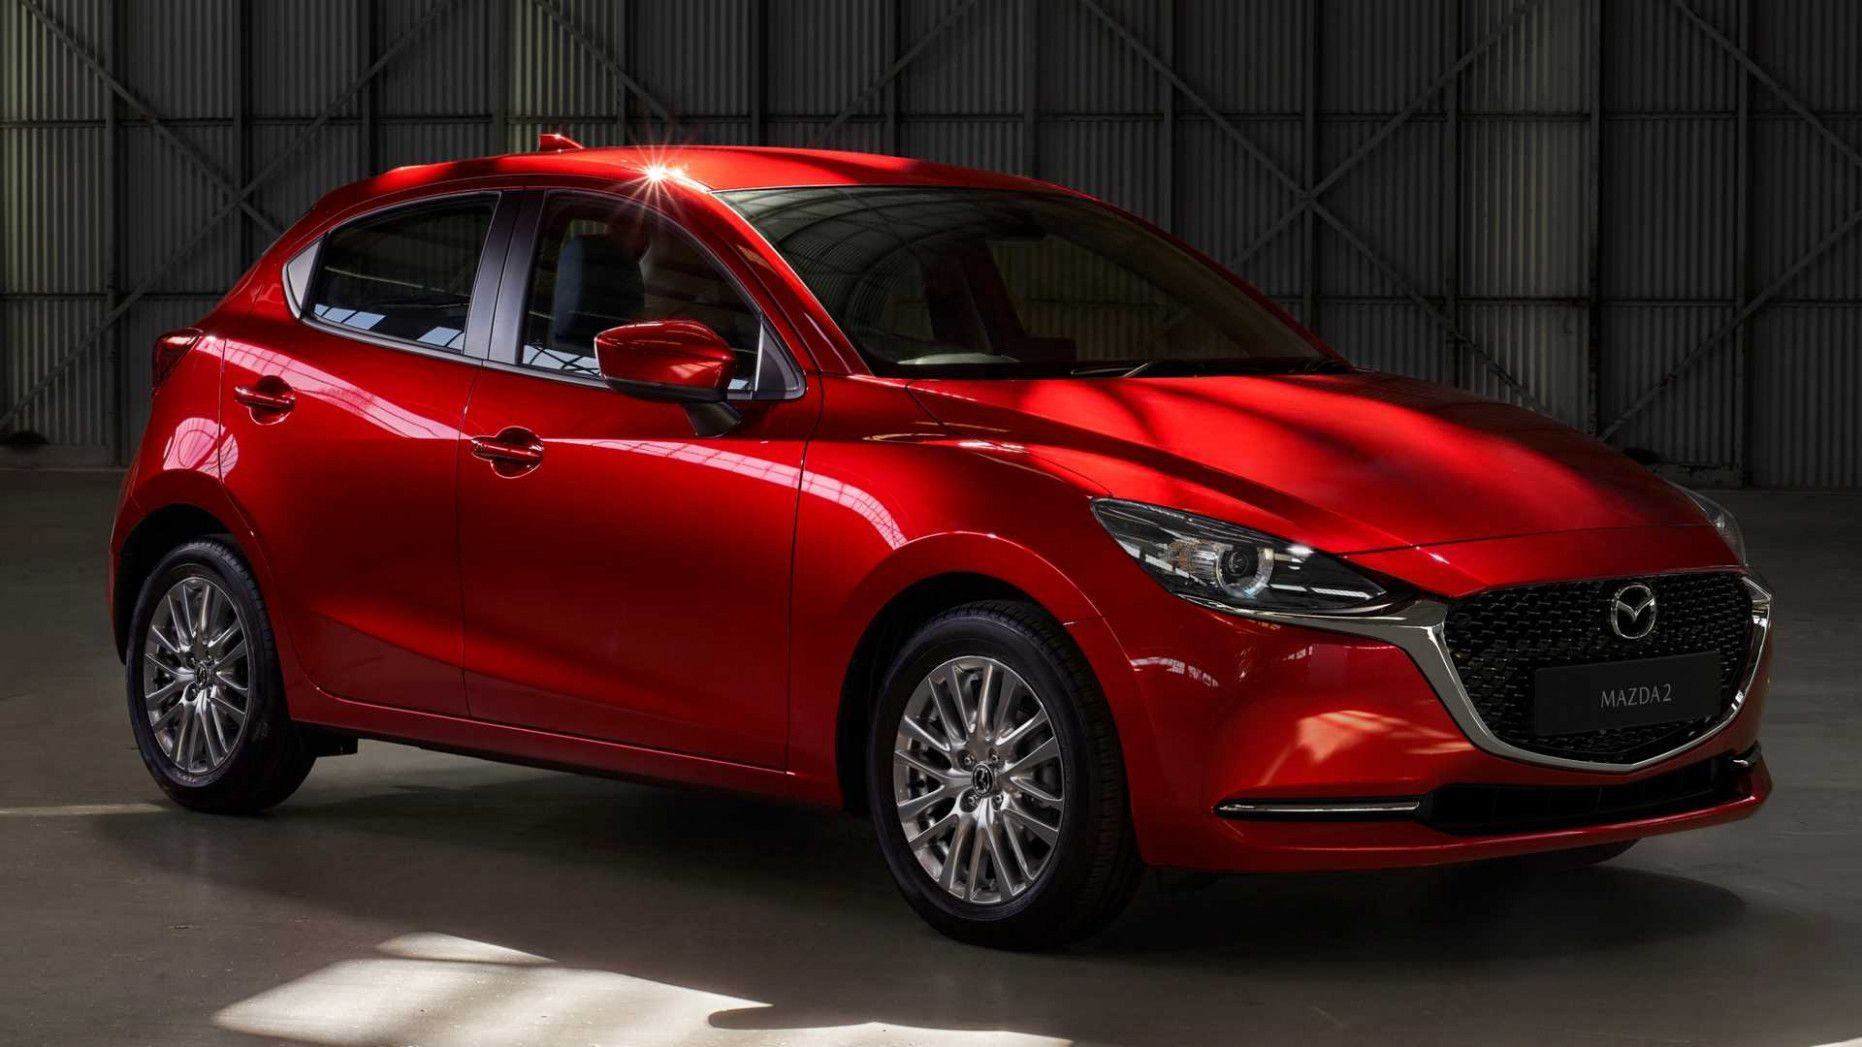 2021 Mazda Nz Model In 2020 Mazda Mazda 2 Hatchback